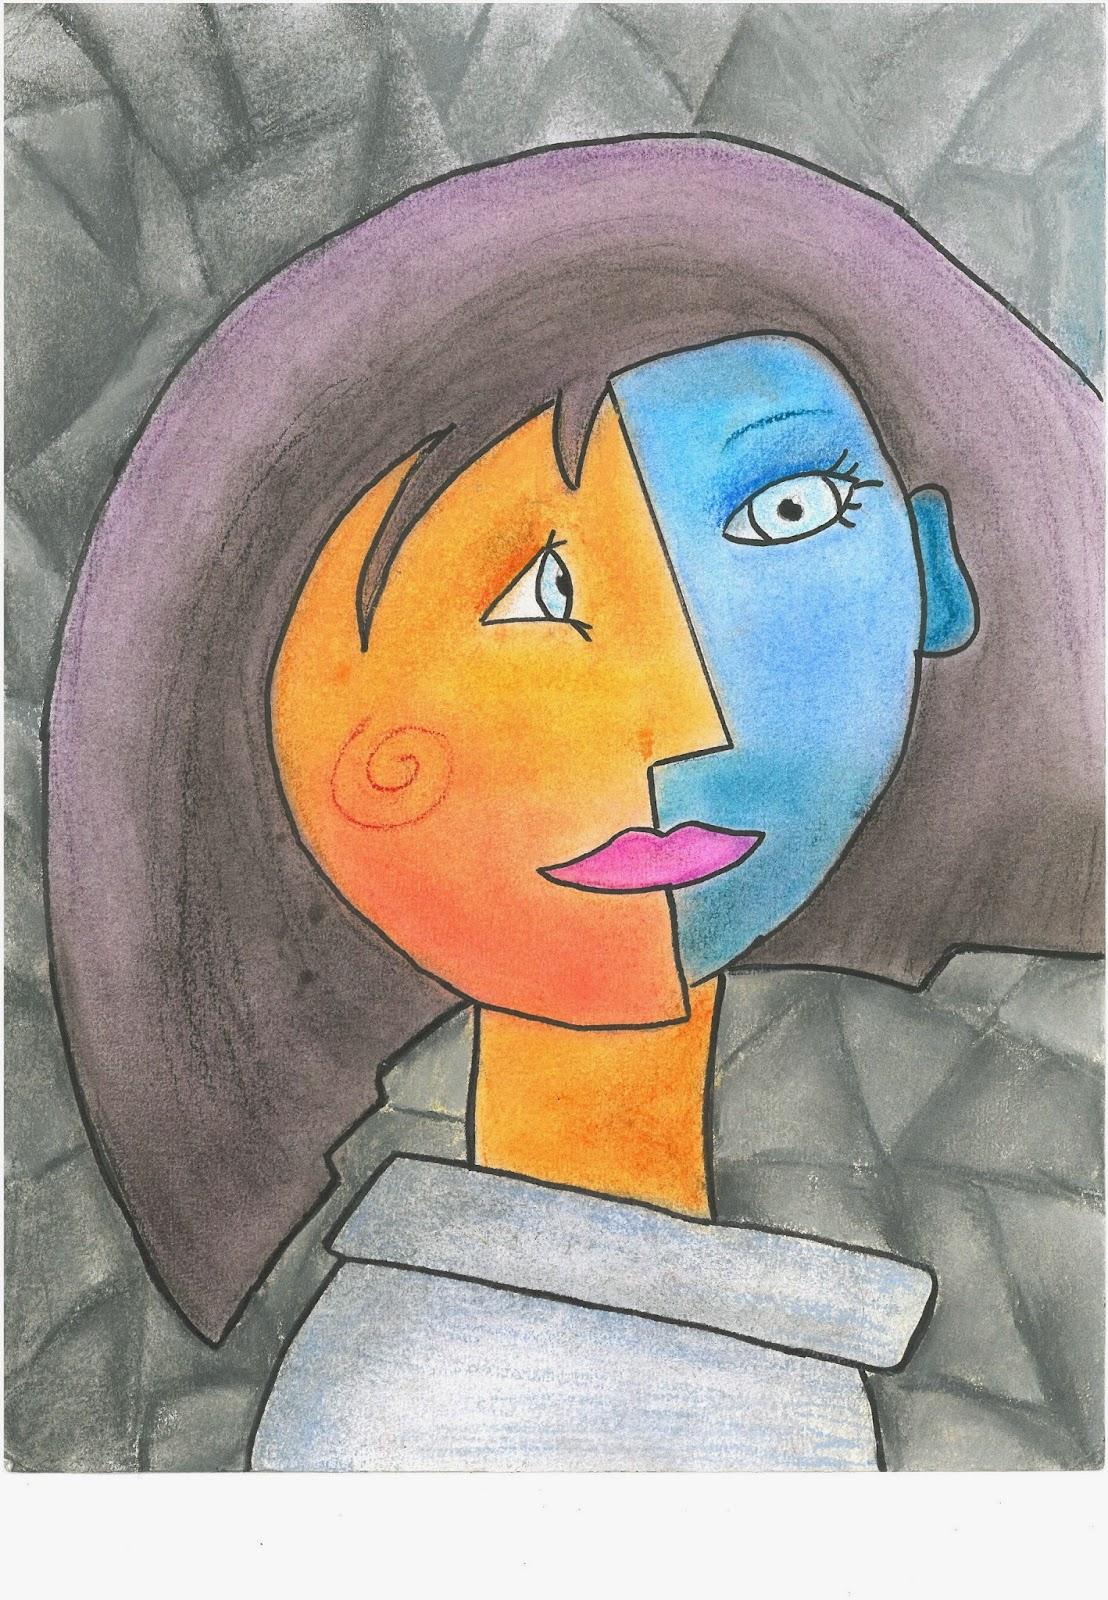 PO BimSem: ontdek kubistische kunst